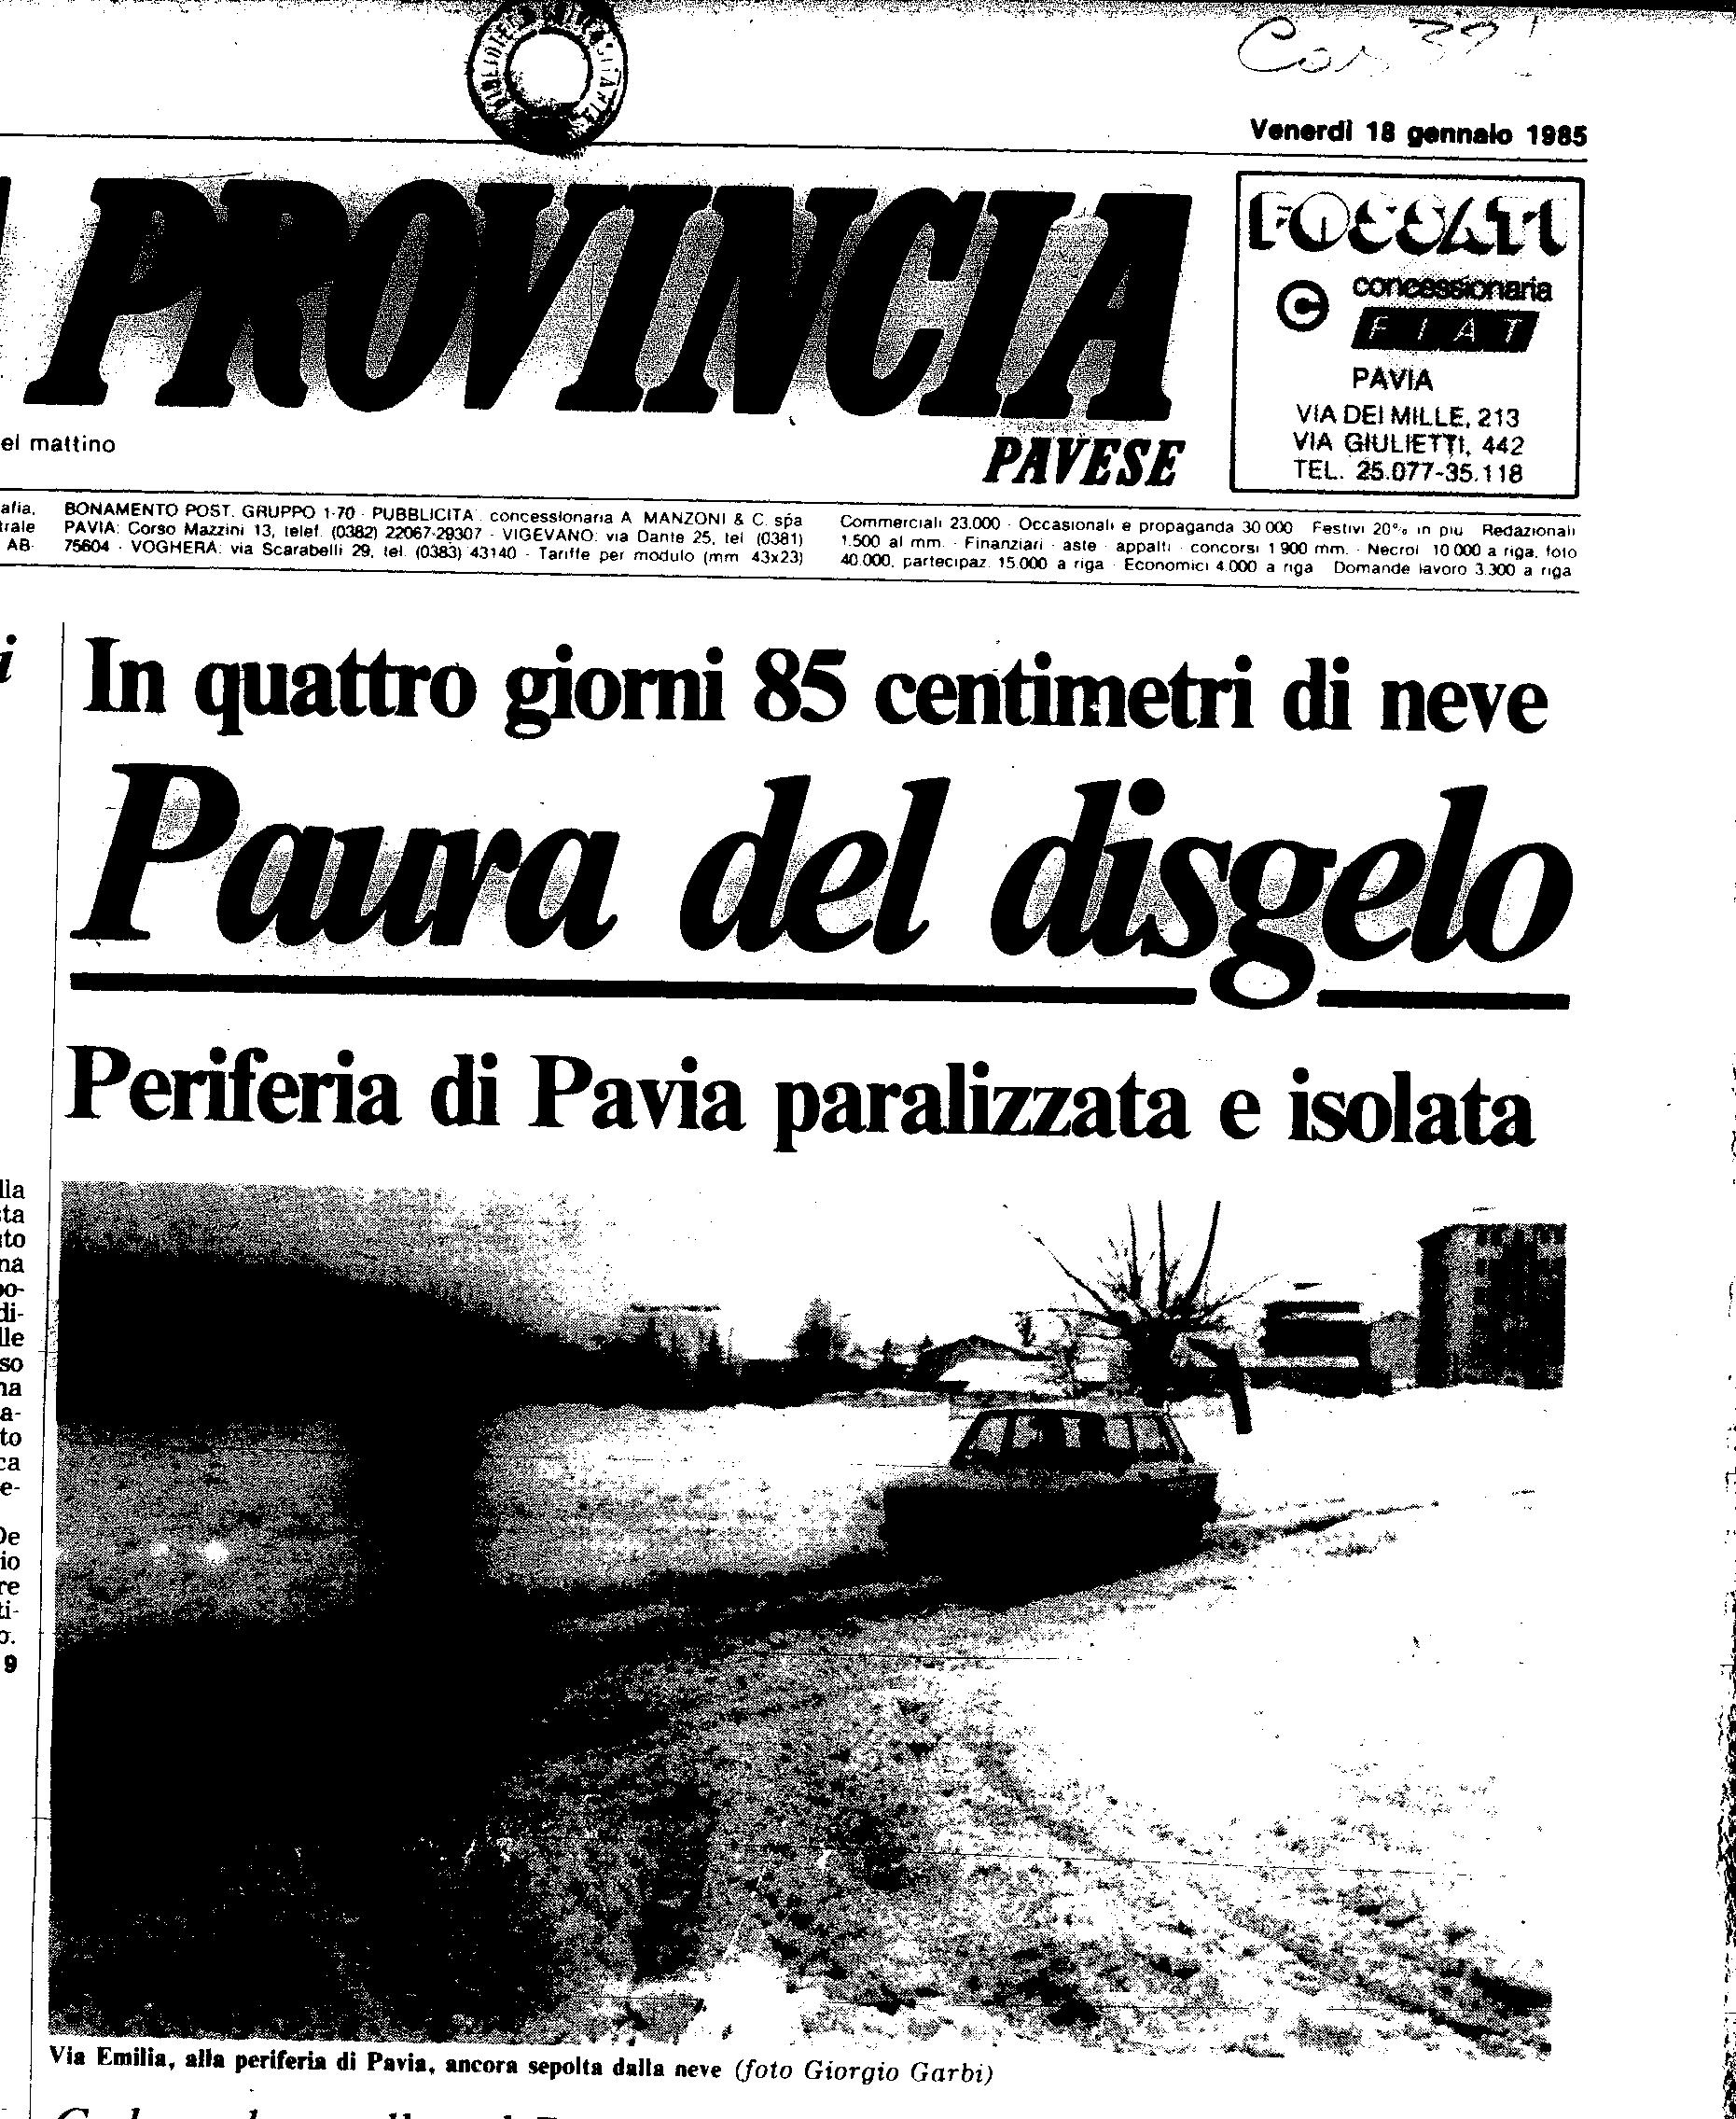 18 gennaio 1985